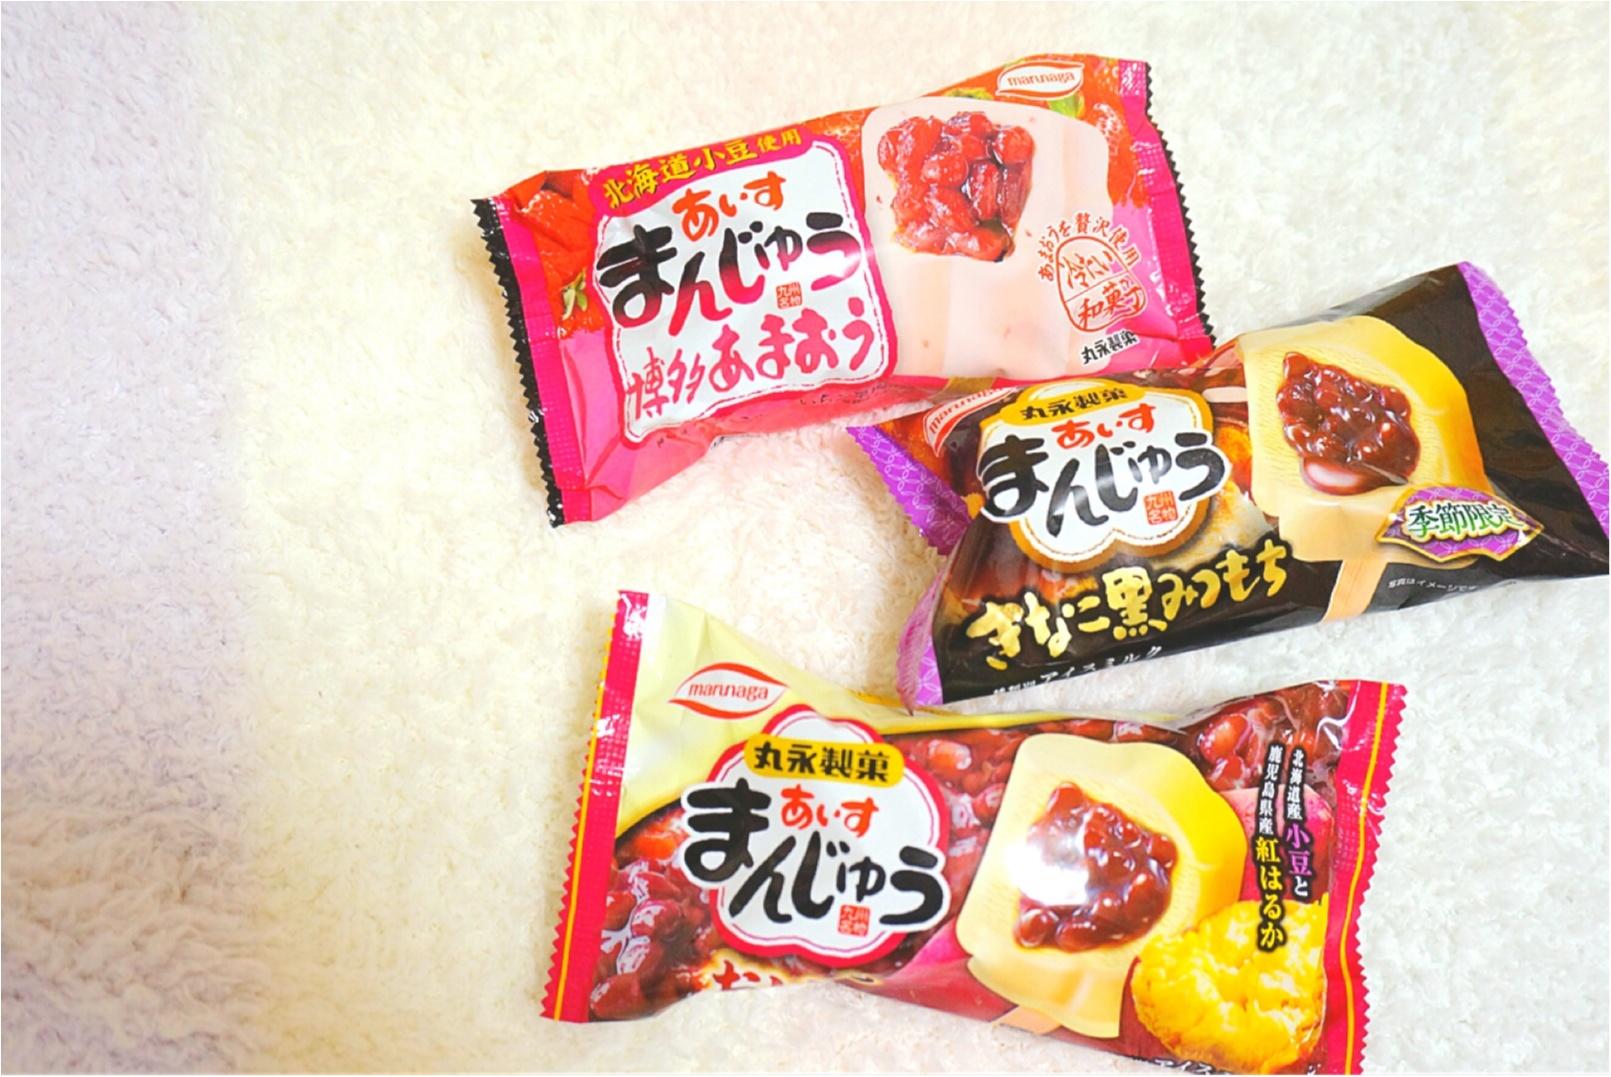 【真冬に食べたいアイス】あのロングセラー《和アイス》が進化した!絶品3選❤️_2